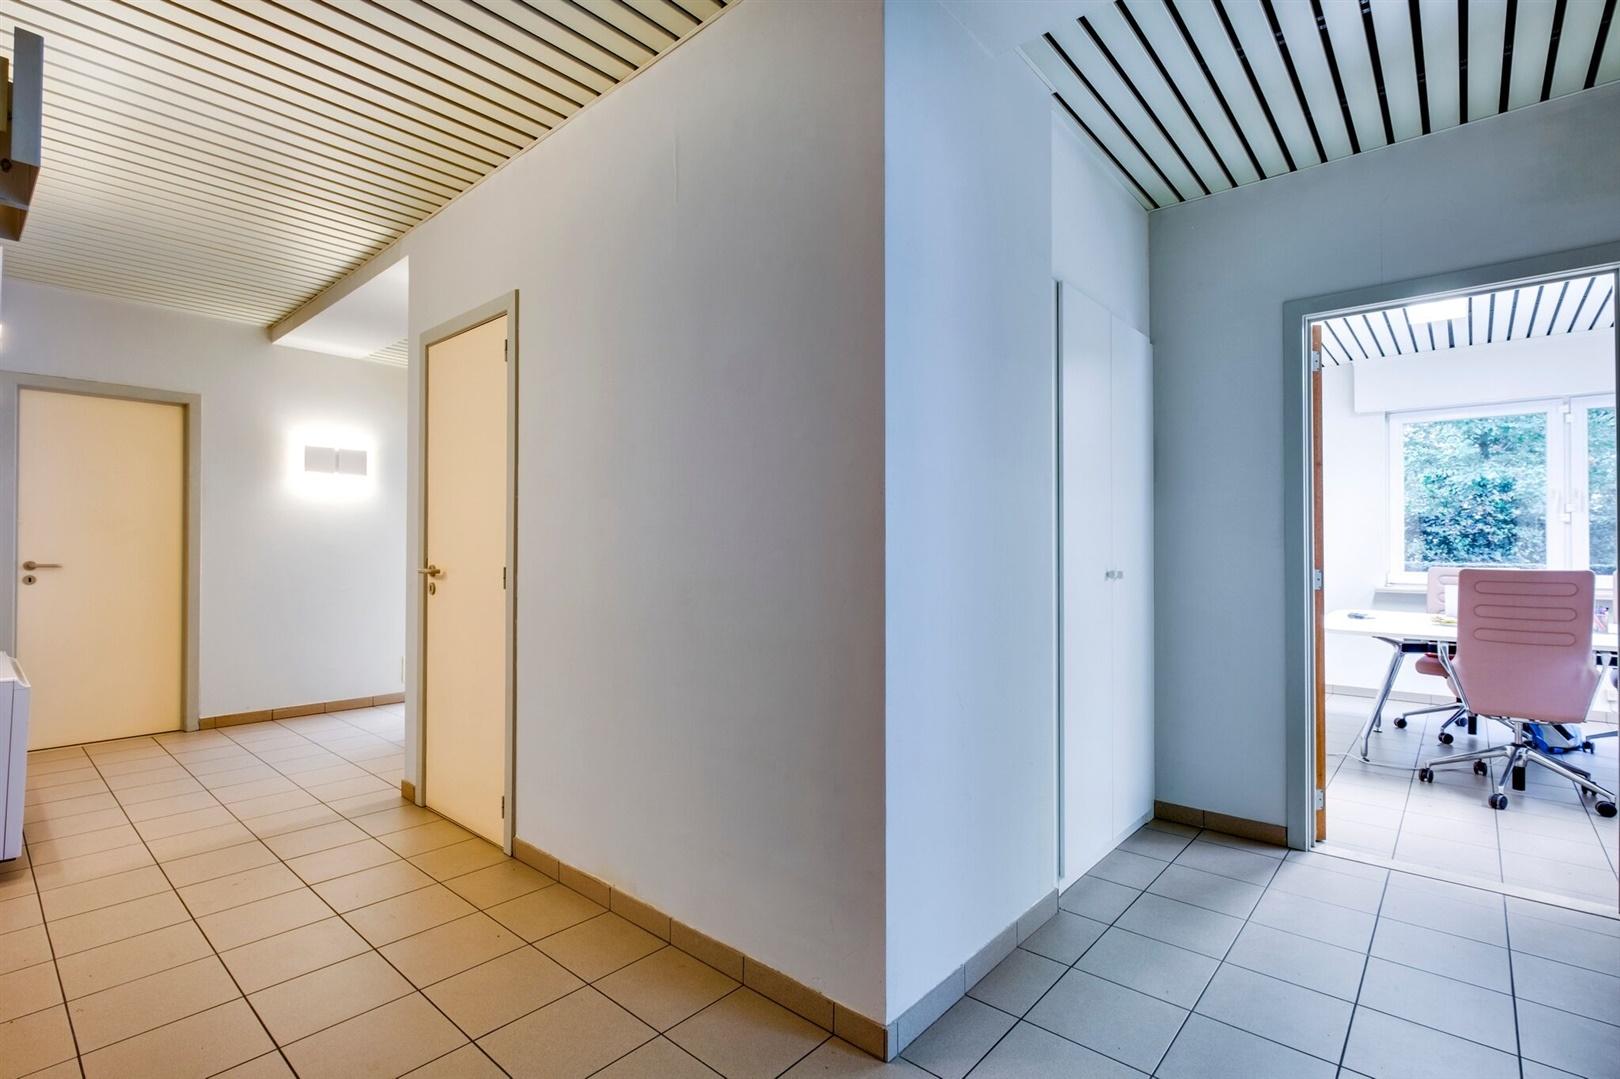 Goed gelegen kantoorruimte met veel lichtinval te Sint-Denijs-Westrem!